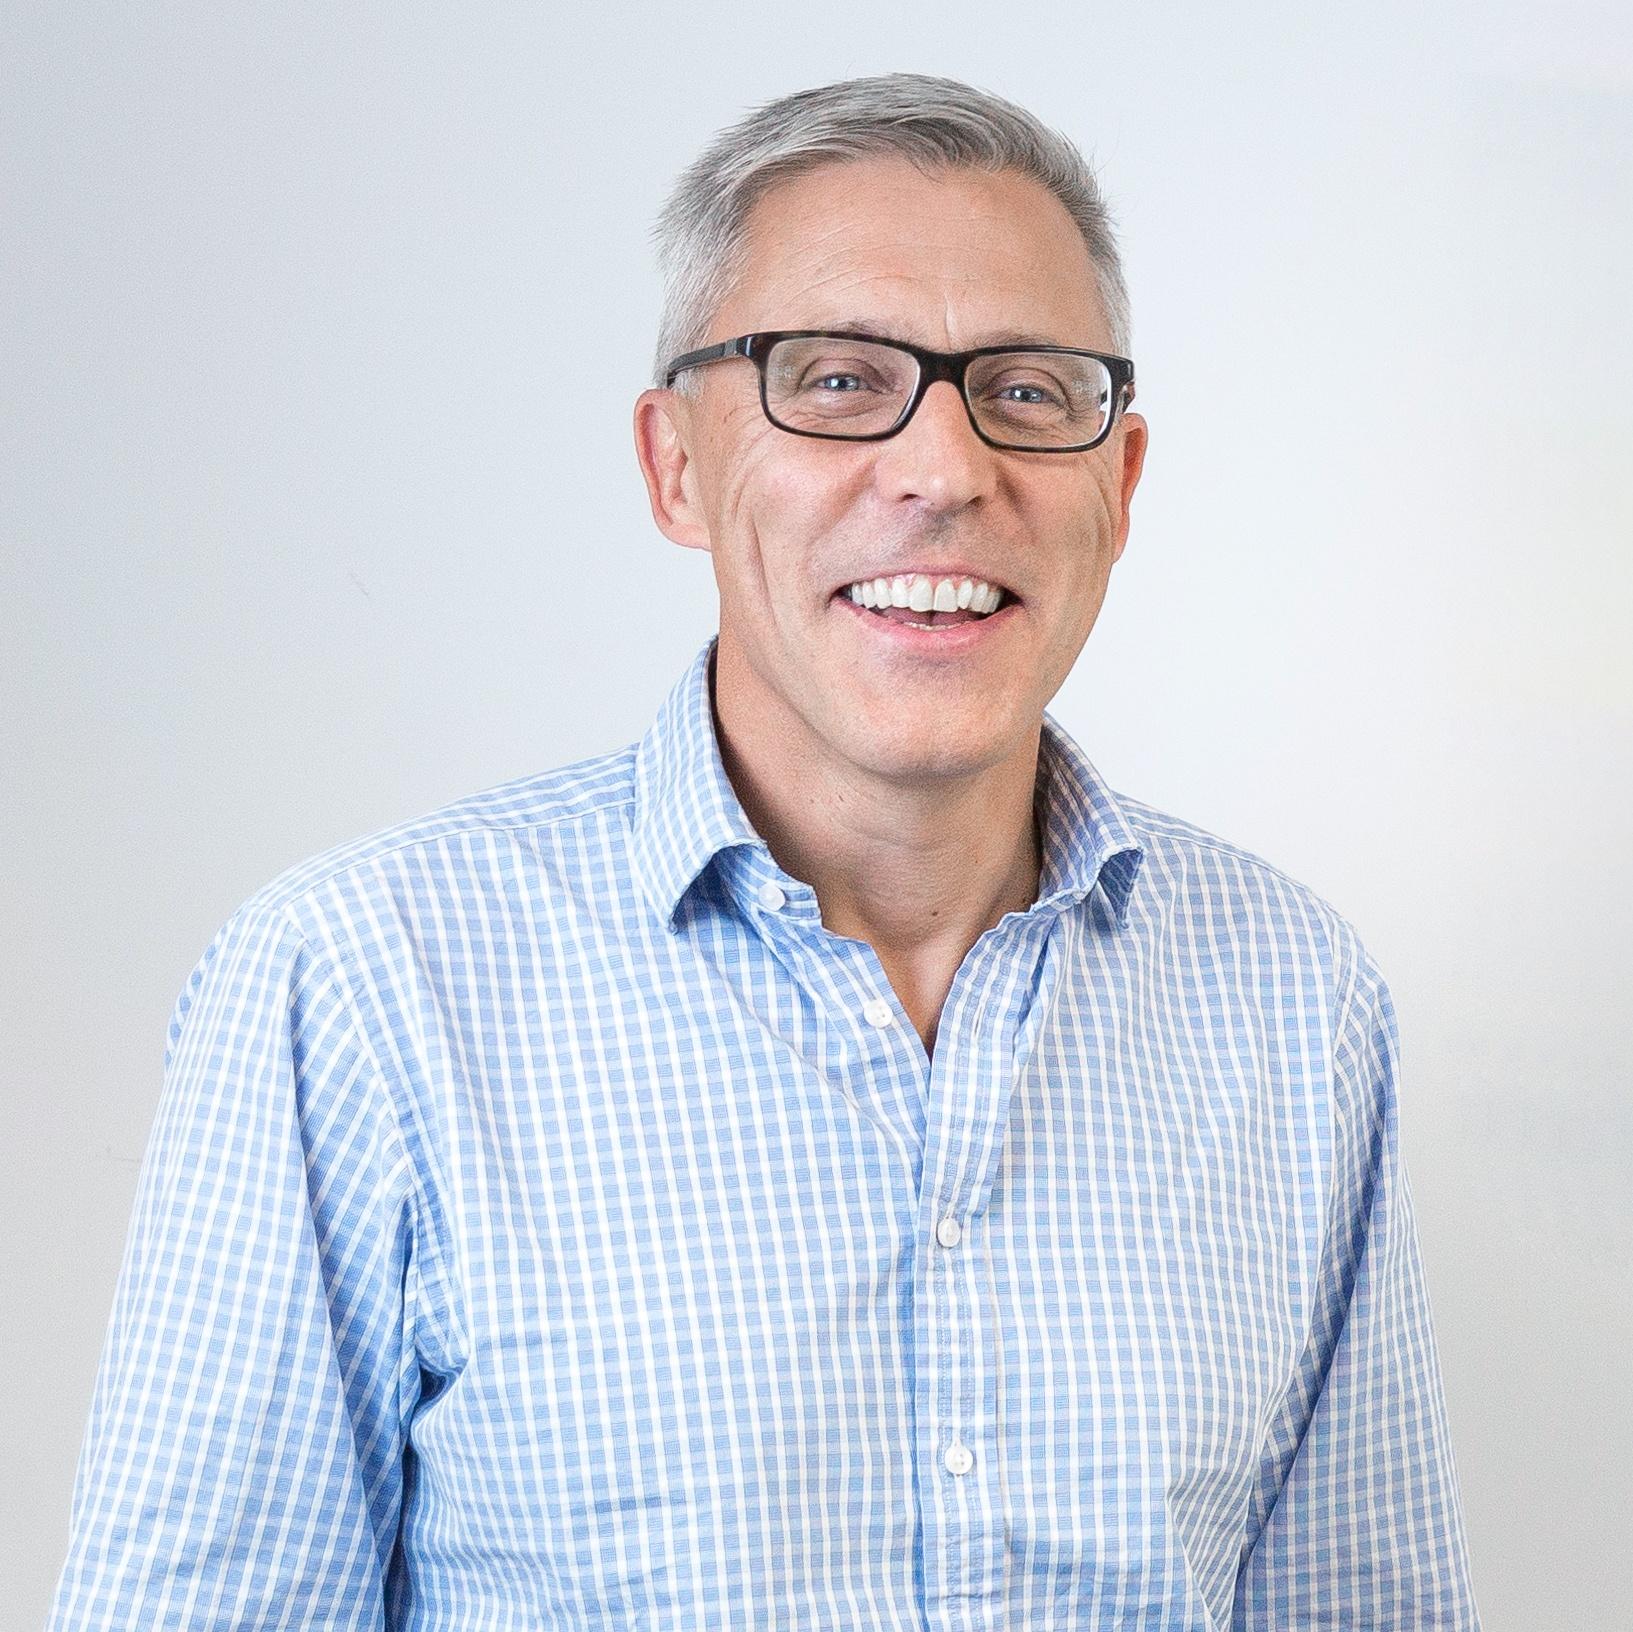 Paul - Managing Director